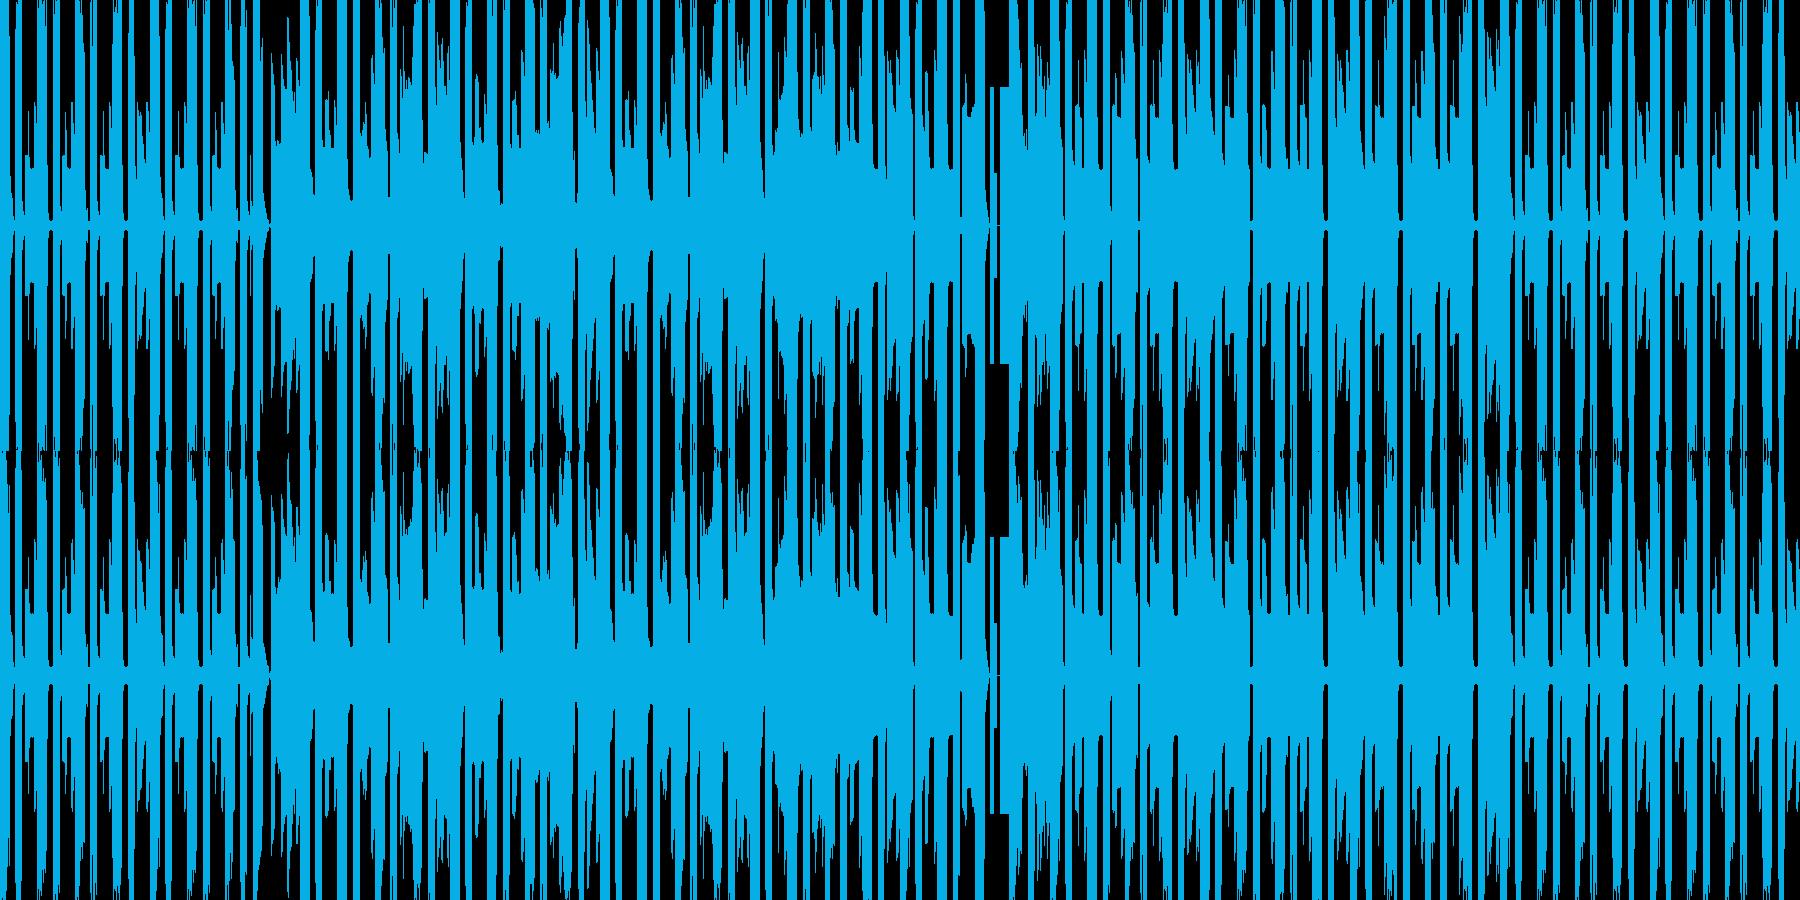 チップチューン風の作戦会議的なBGMの再生済みの波形